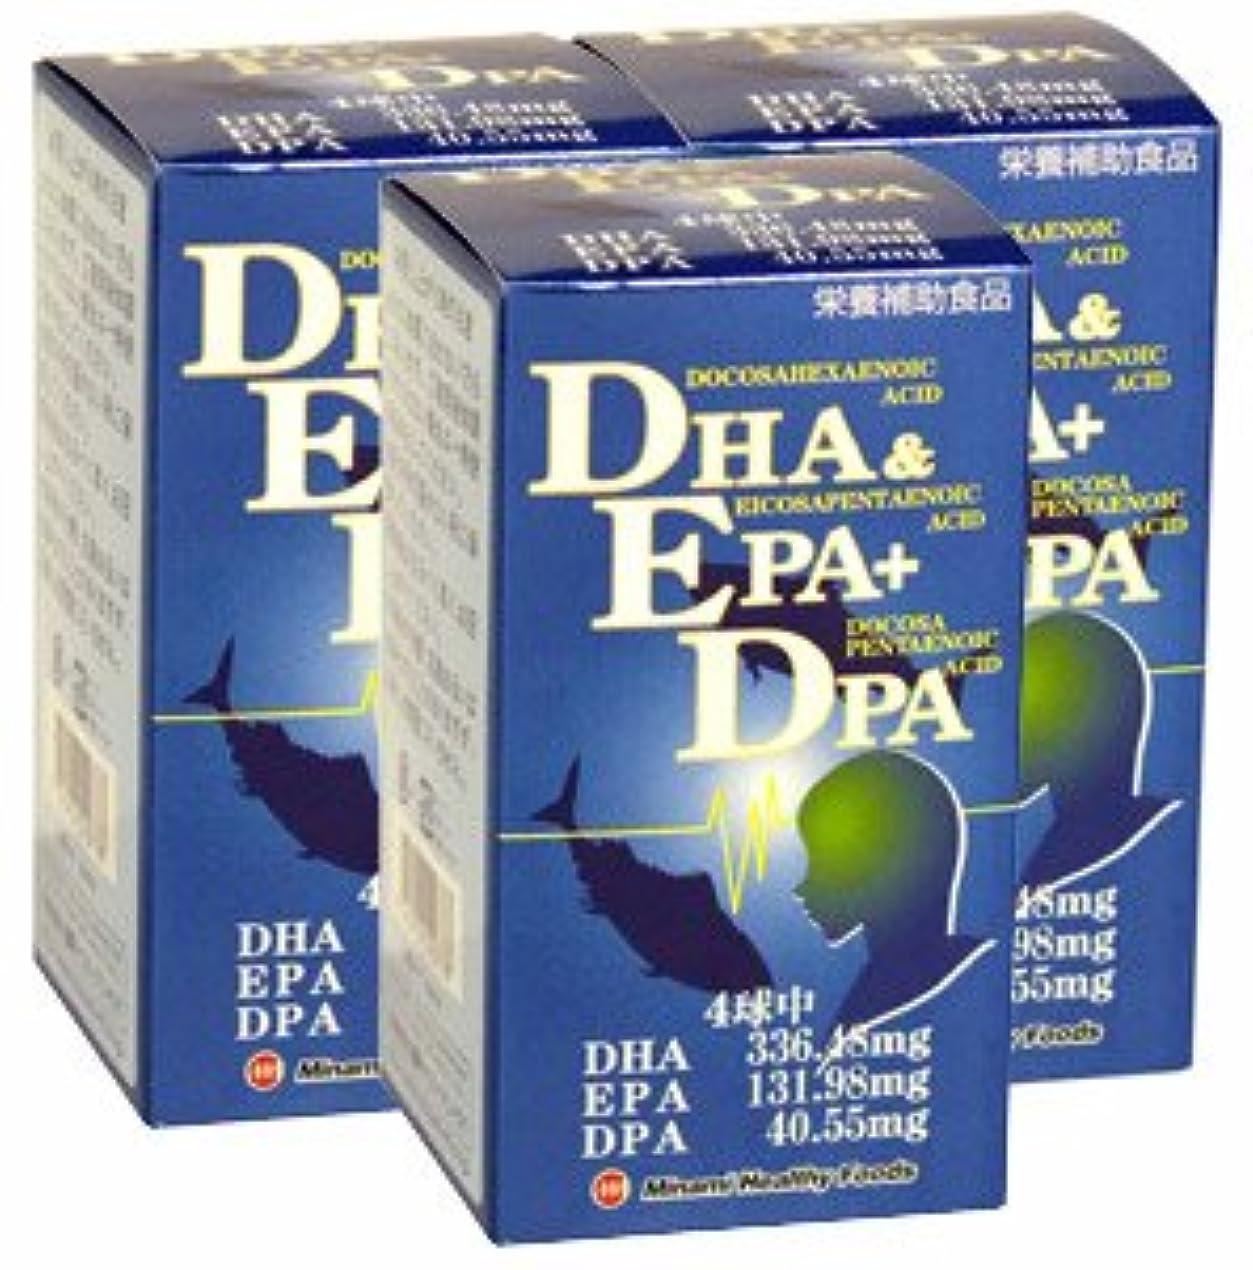 制約期間北西DHA&EPA+DPA【3本セット】ミナミヘルシーフーズ